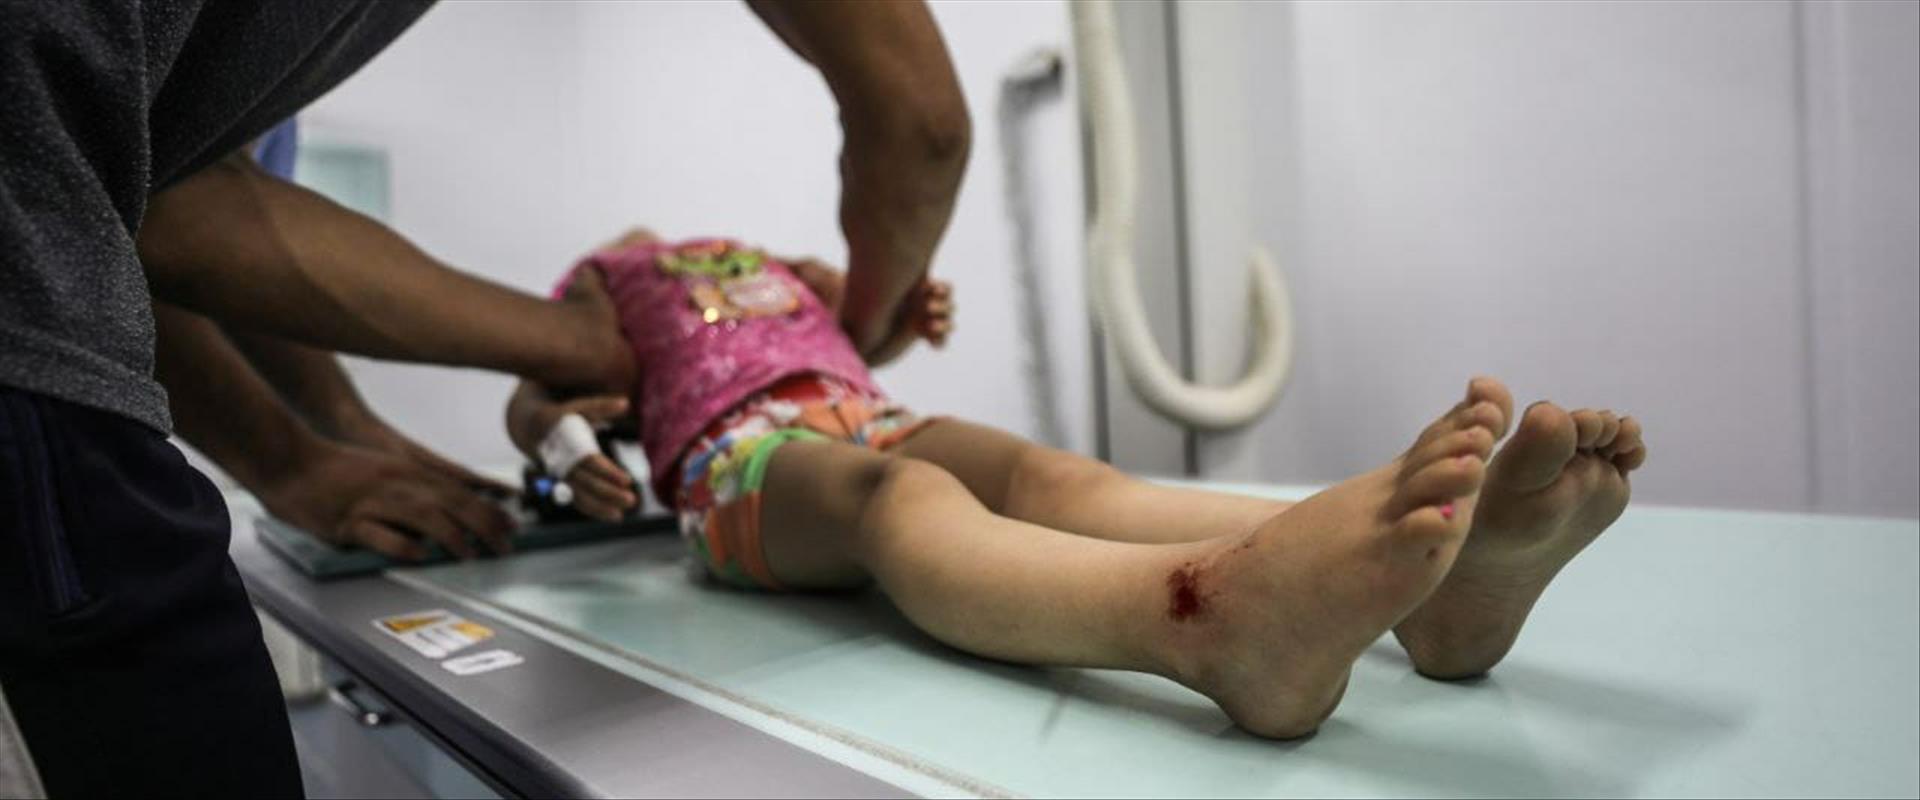 """ילדה עזתית שנפצעה בתקיפת צה""""ל"""